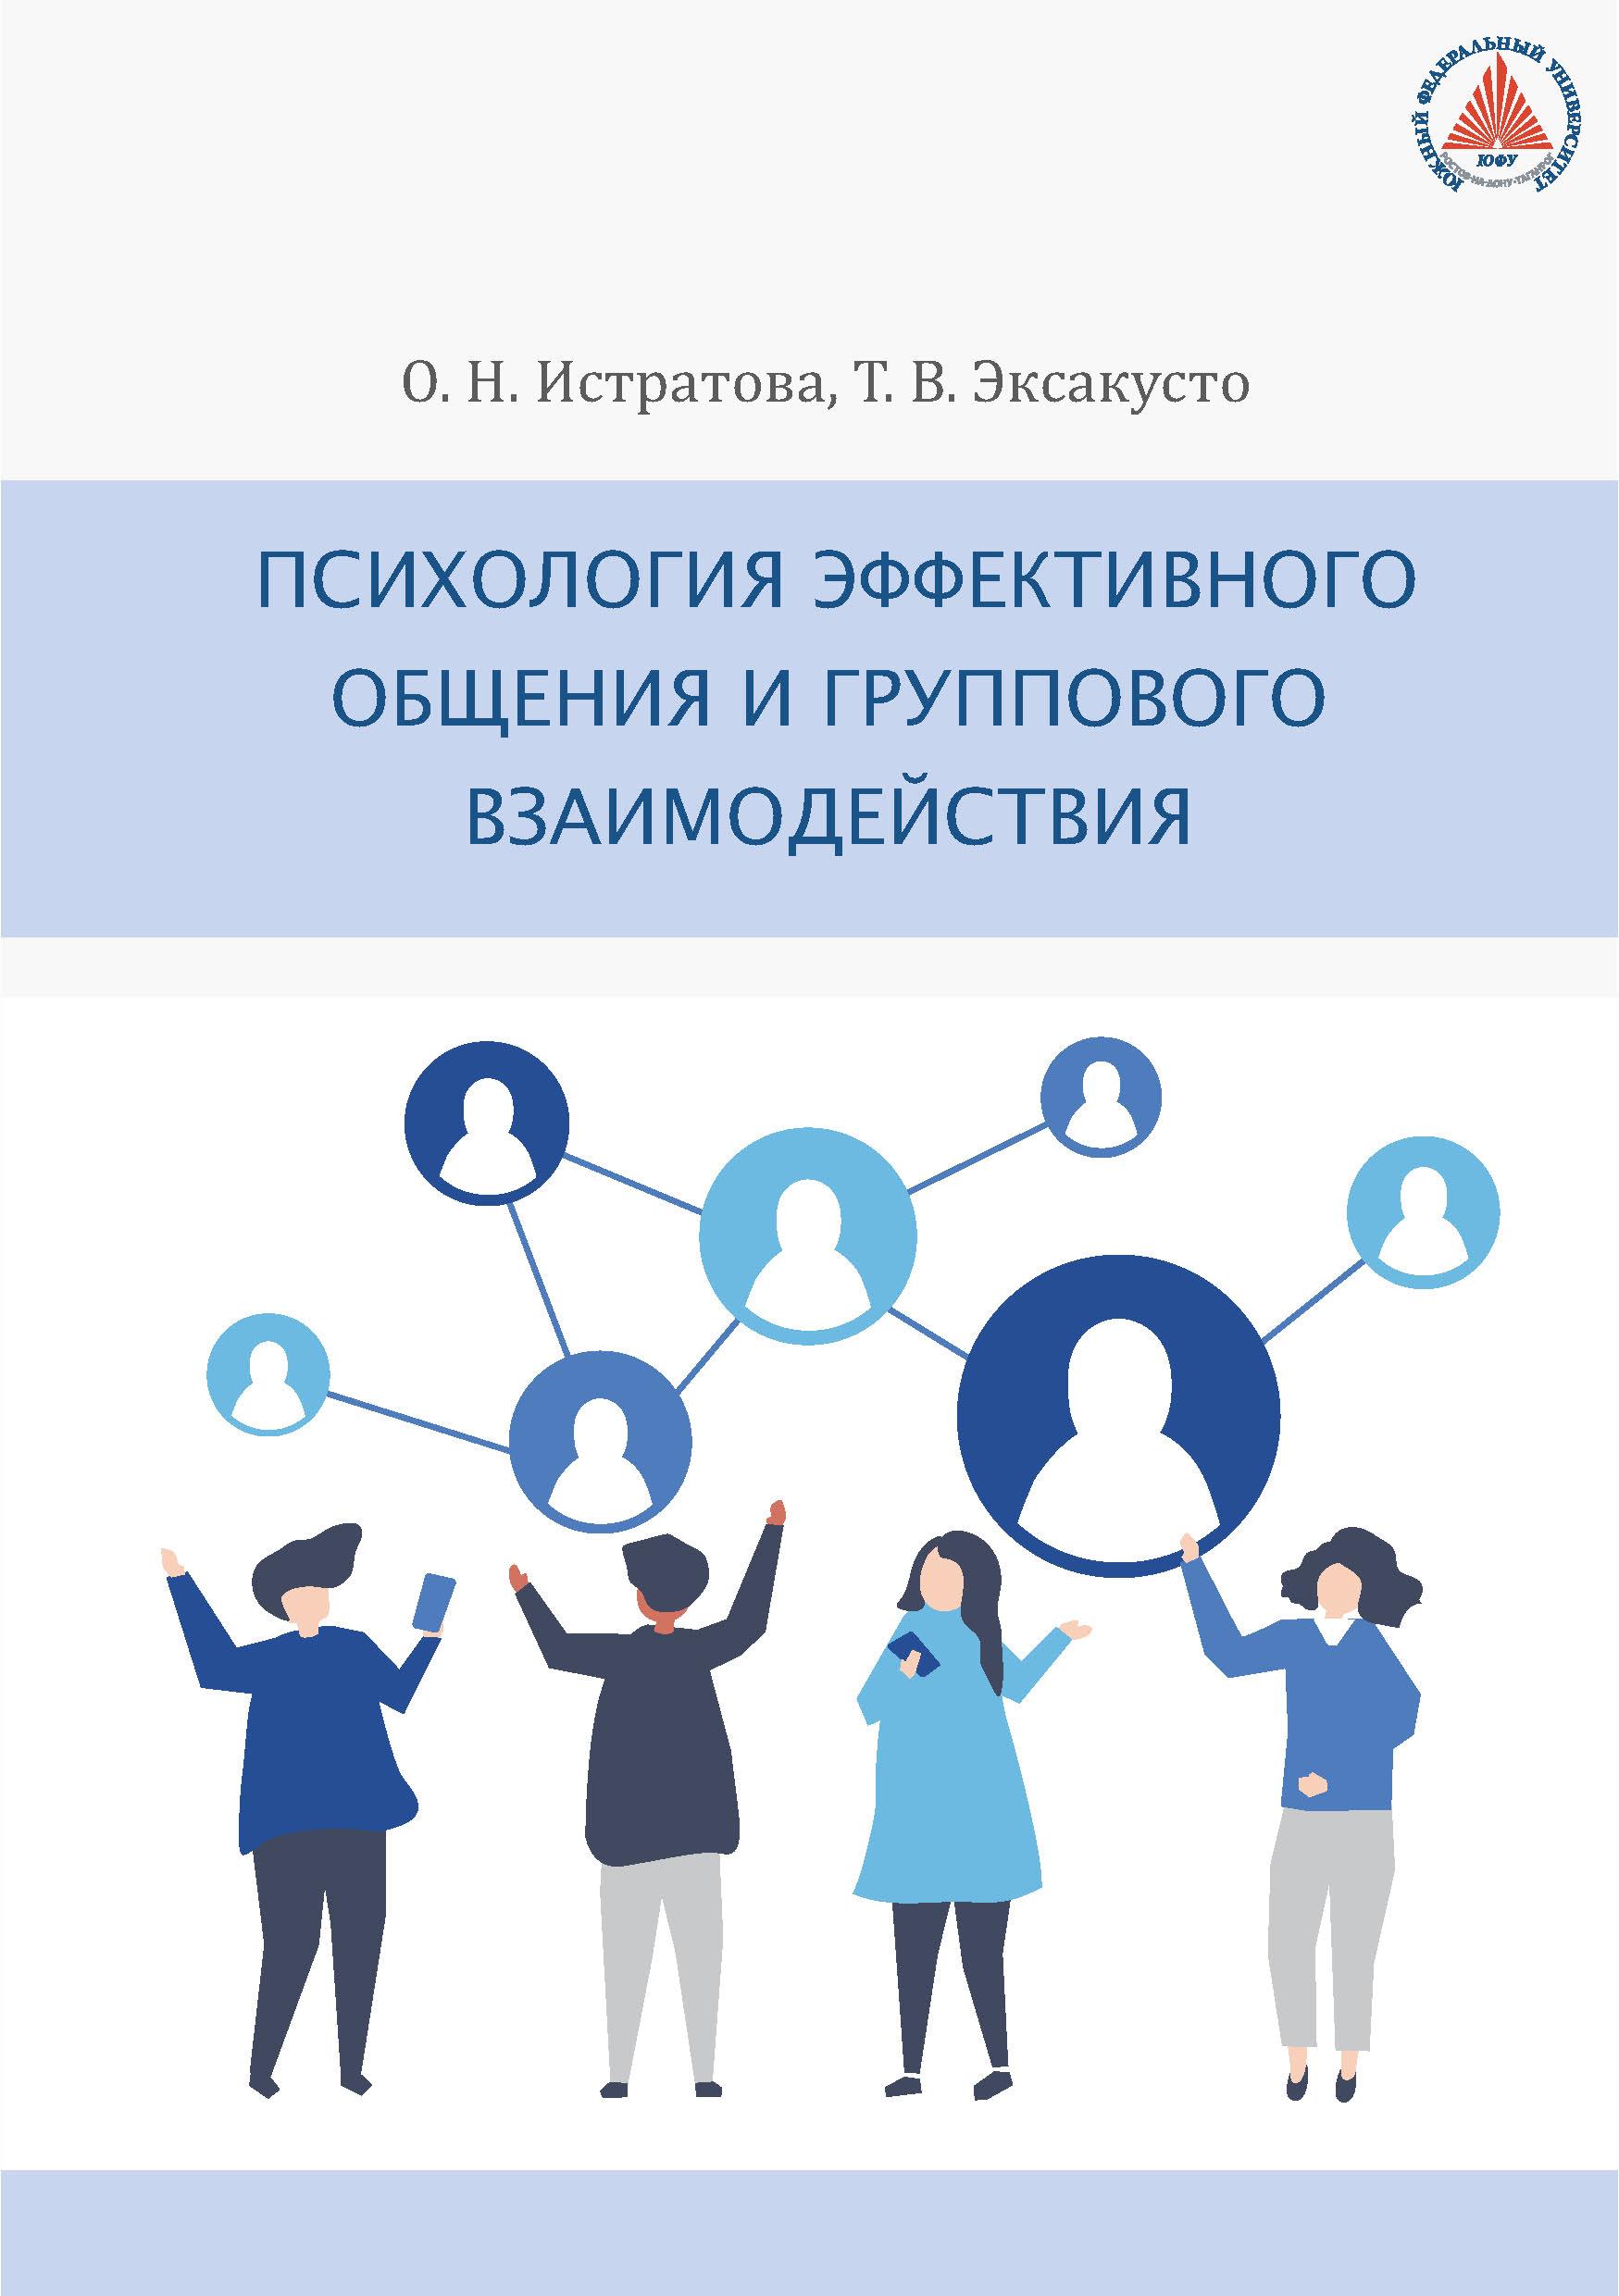 О. Н. Истратова Психология эффективного общения и группового взаимодействия цена